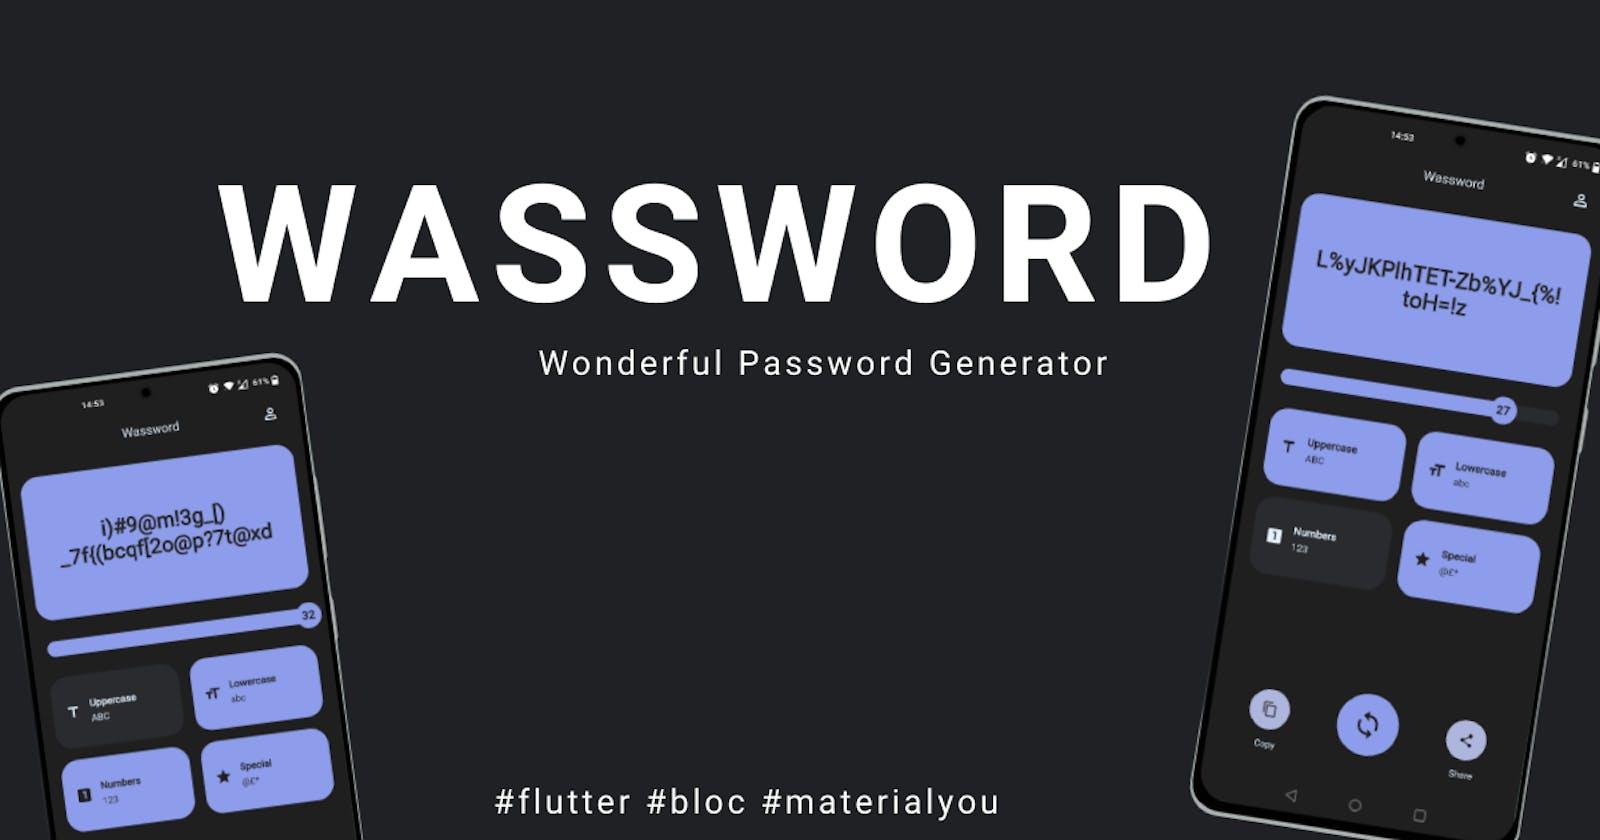 Wassword: wonderful password generator built in Flutter